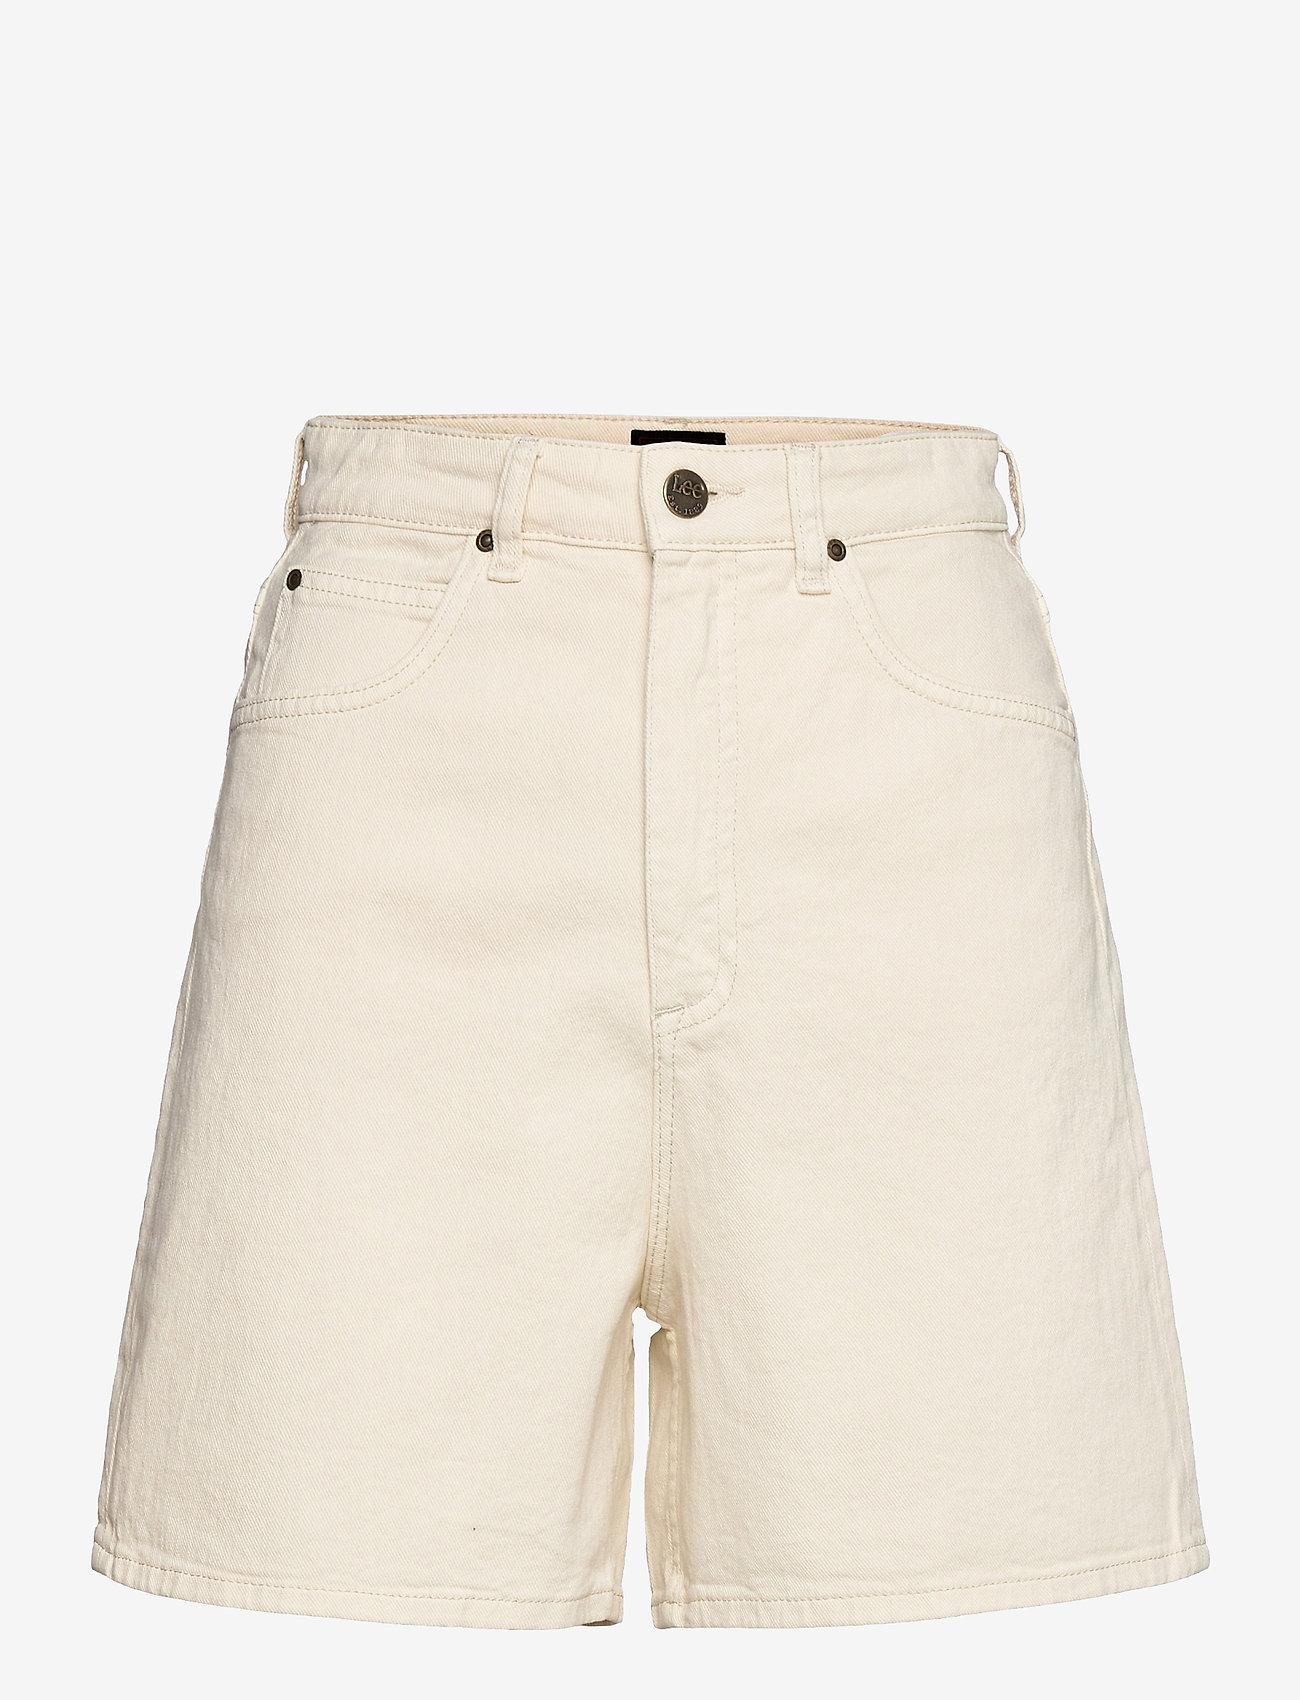 Lee Jeans - STELLA SHORT - bermudas - ecru - 0